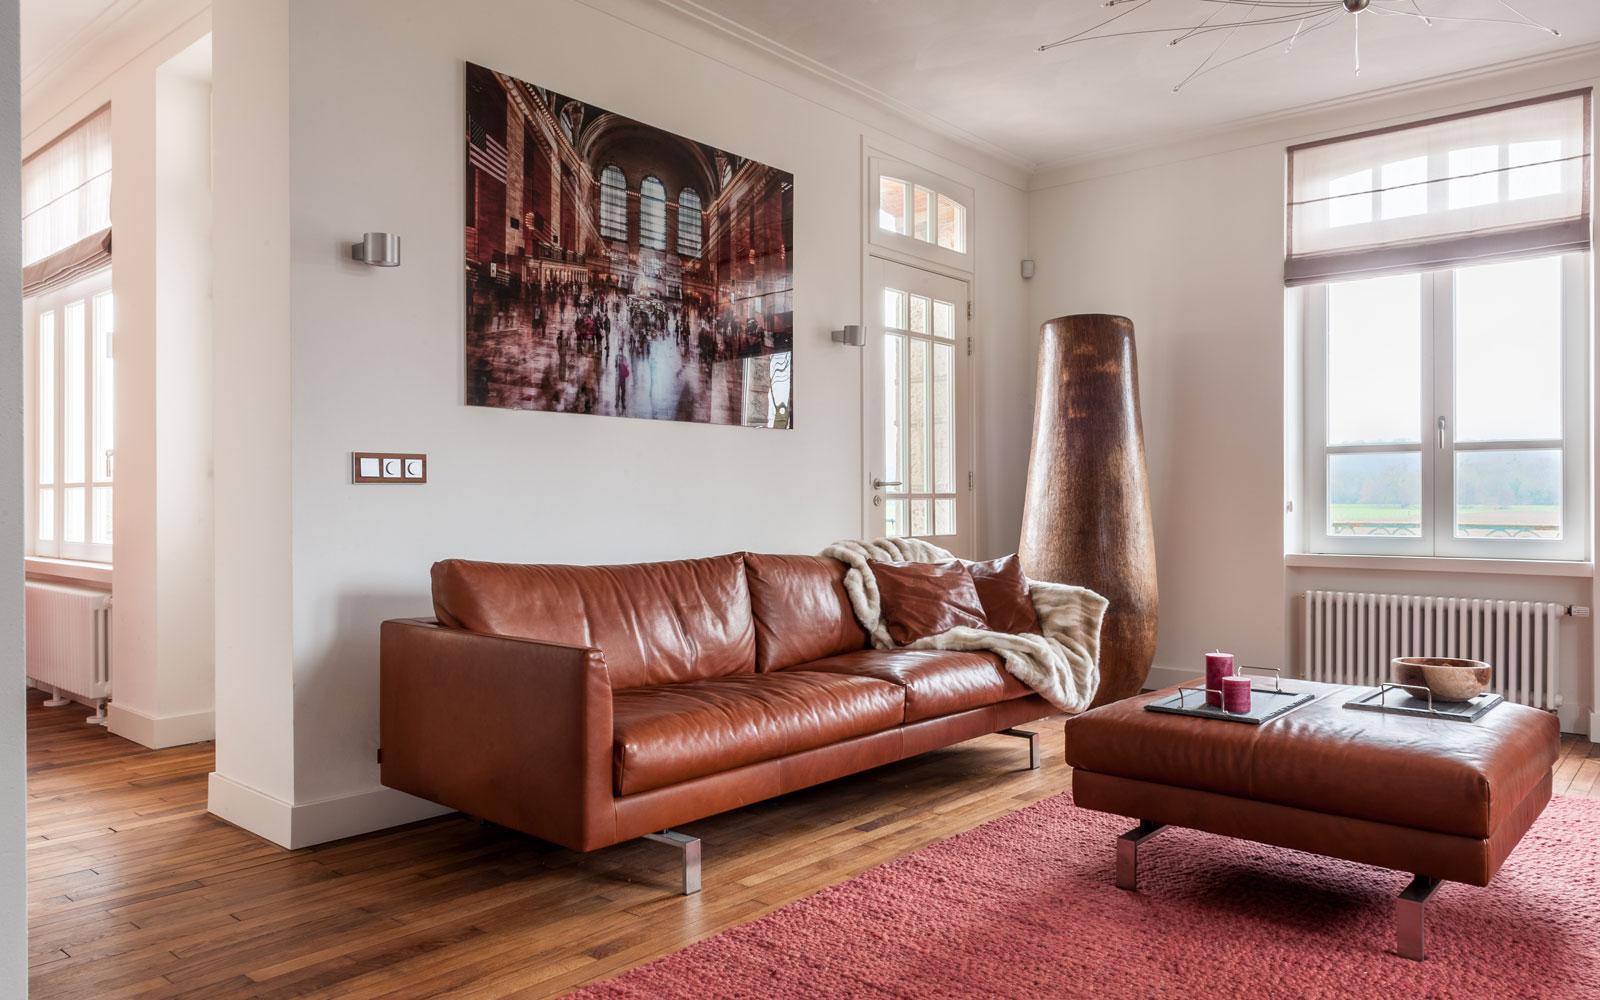 Van Oort Interieurs, Woonkamer, honderd jaar oude parketvloer van moeraseiken, Modern klassiek interieur, MarStyling